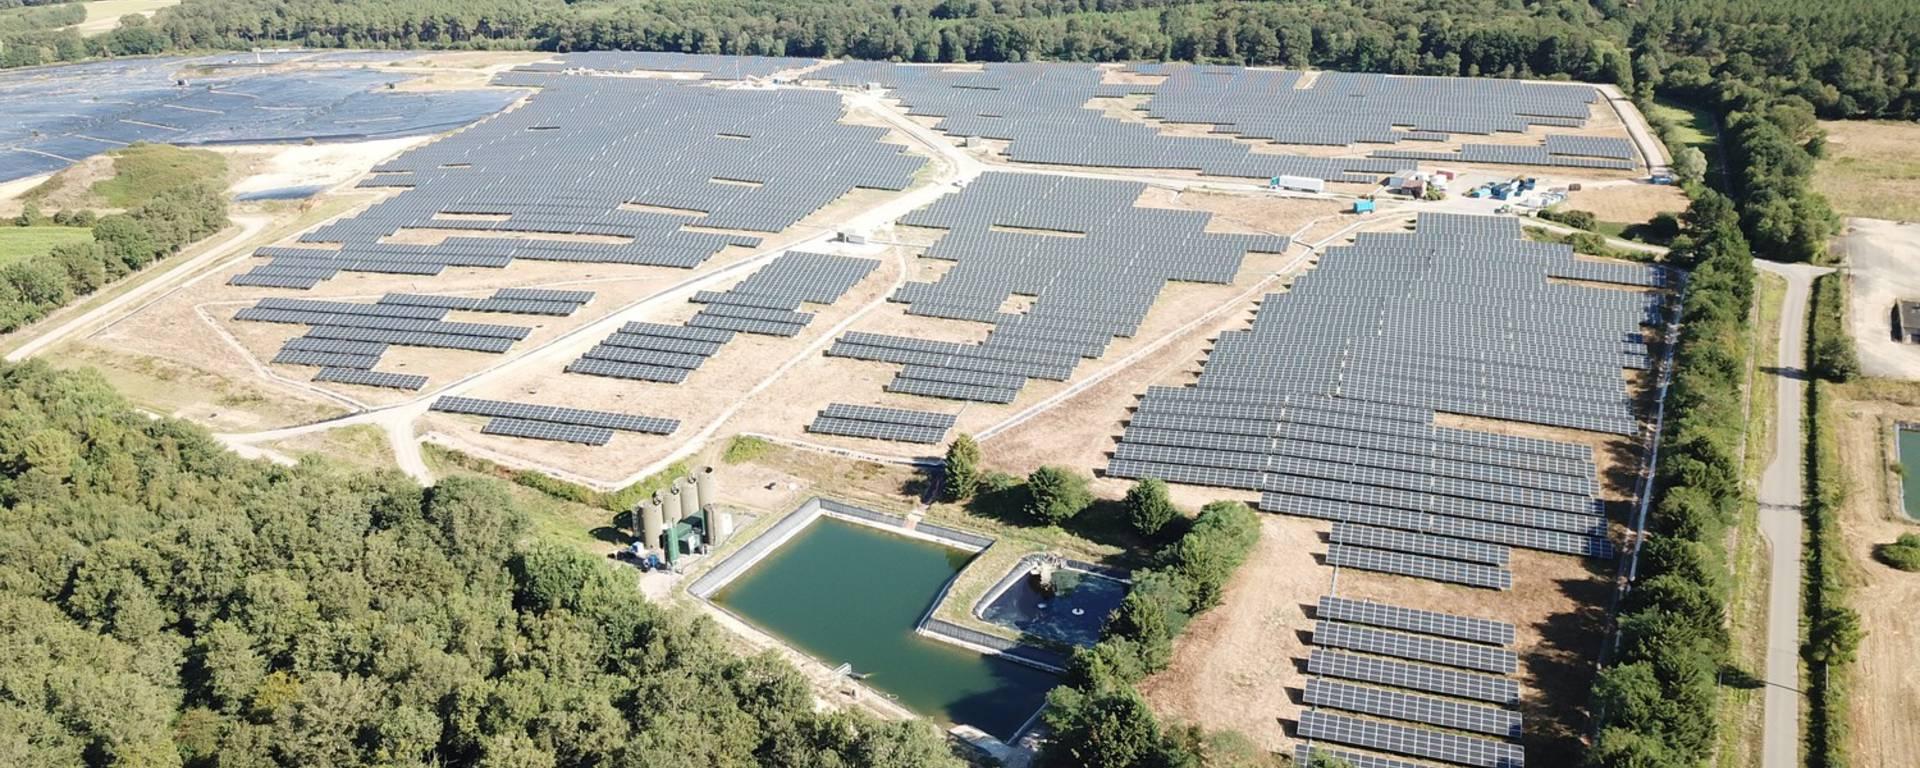 Sergies - Champ photovoltaïque de Saint-Sauveur ©Sergies